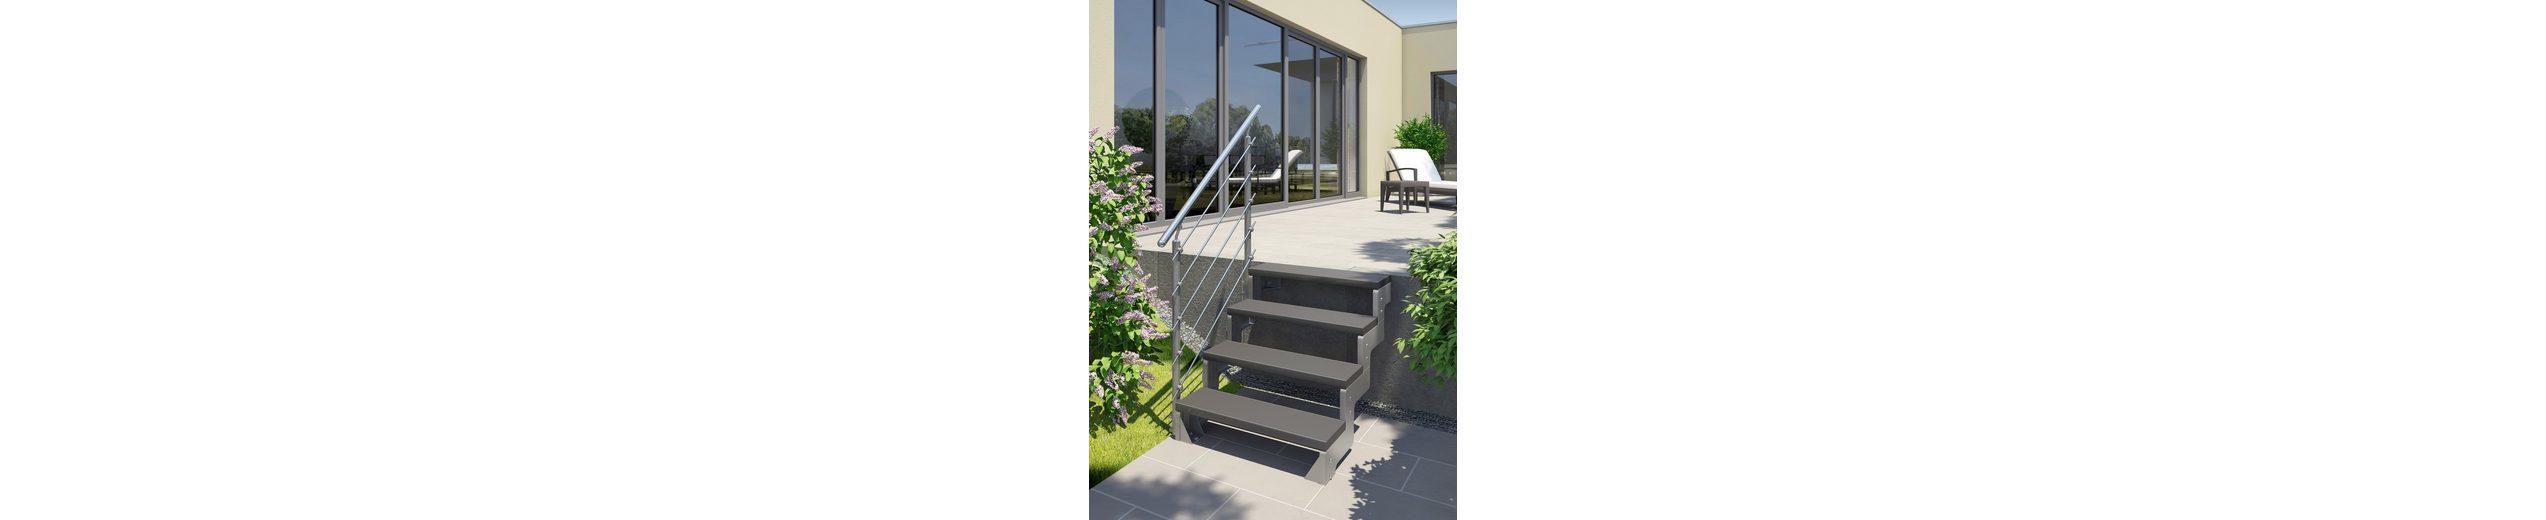 Außentreppe »Gardentop«, Startset für 2 Stufen